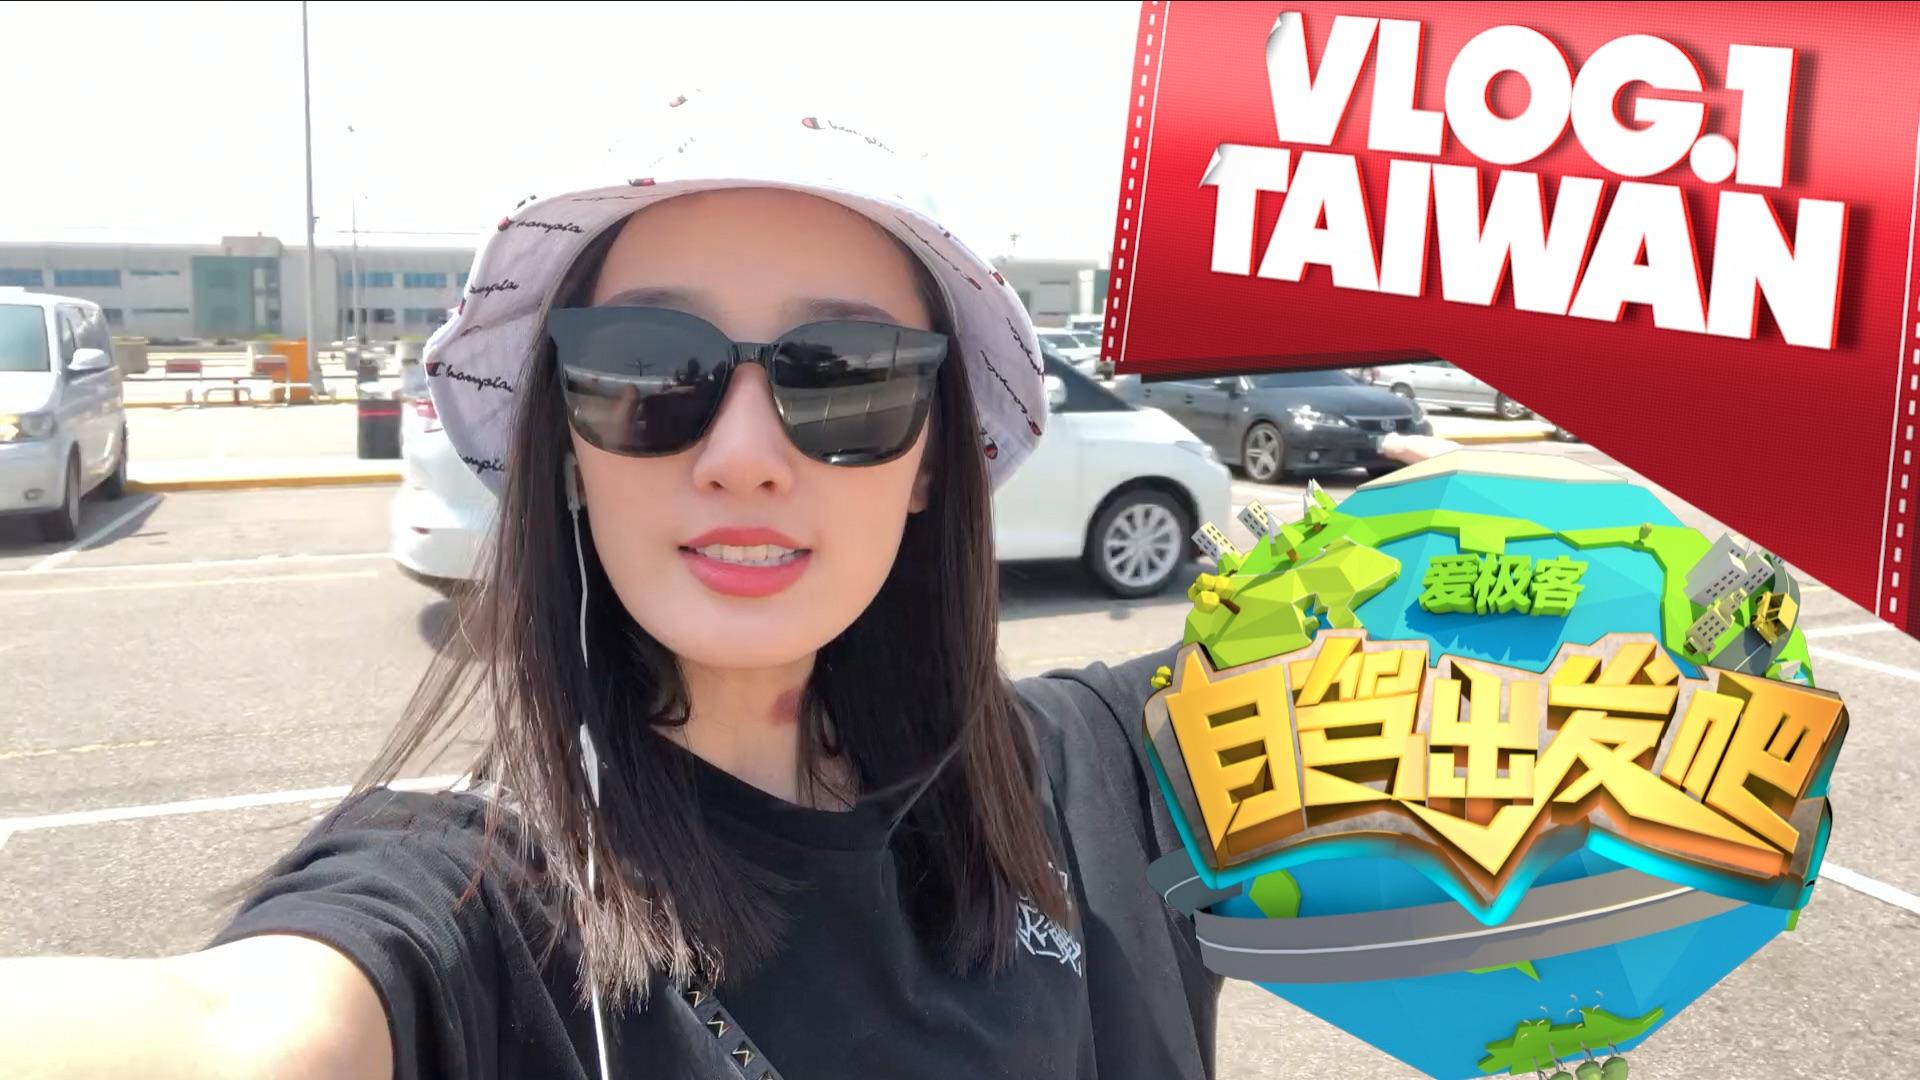 自驾出发吧第五季VLOG01台湾自由行之证件准备篇